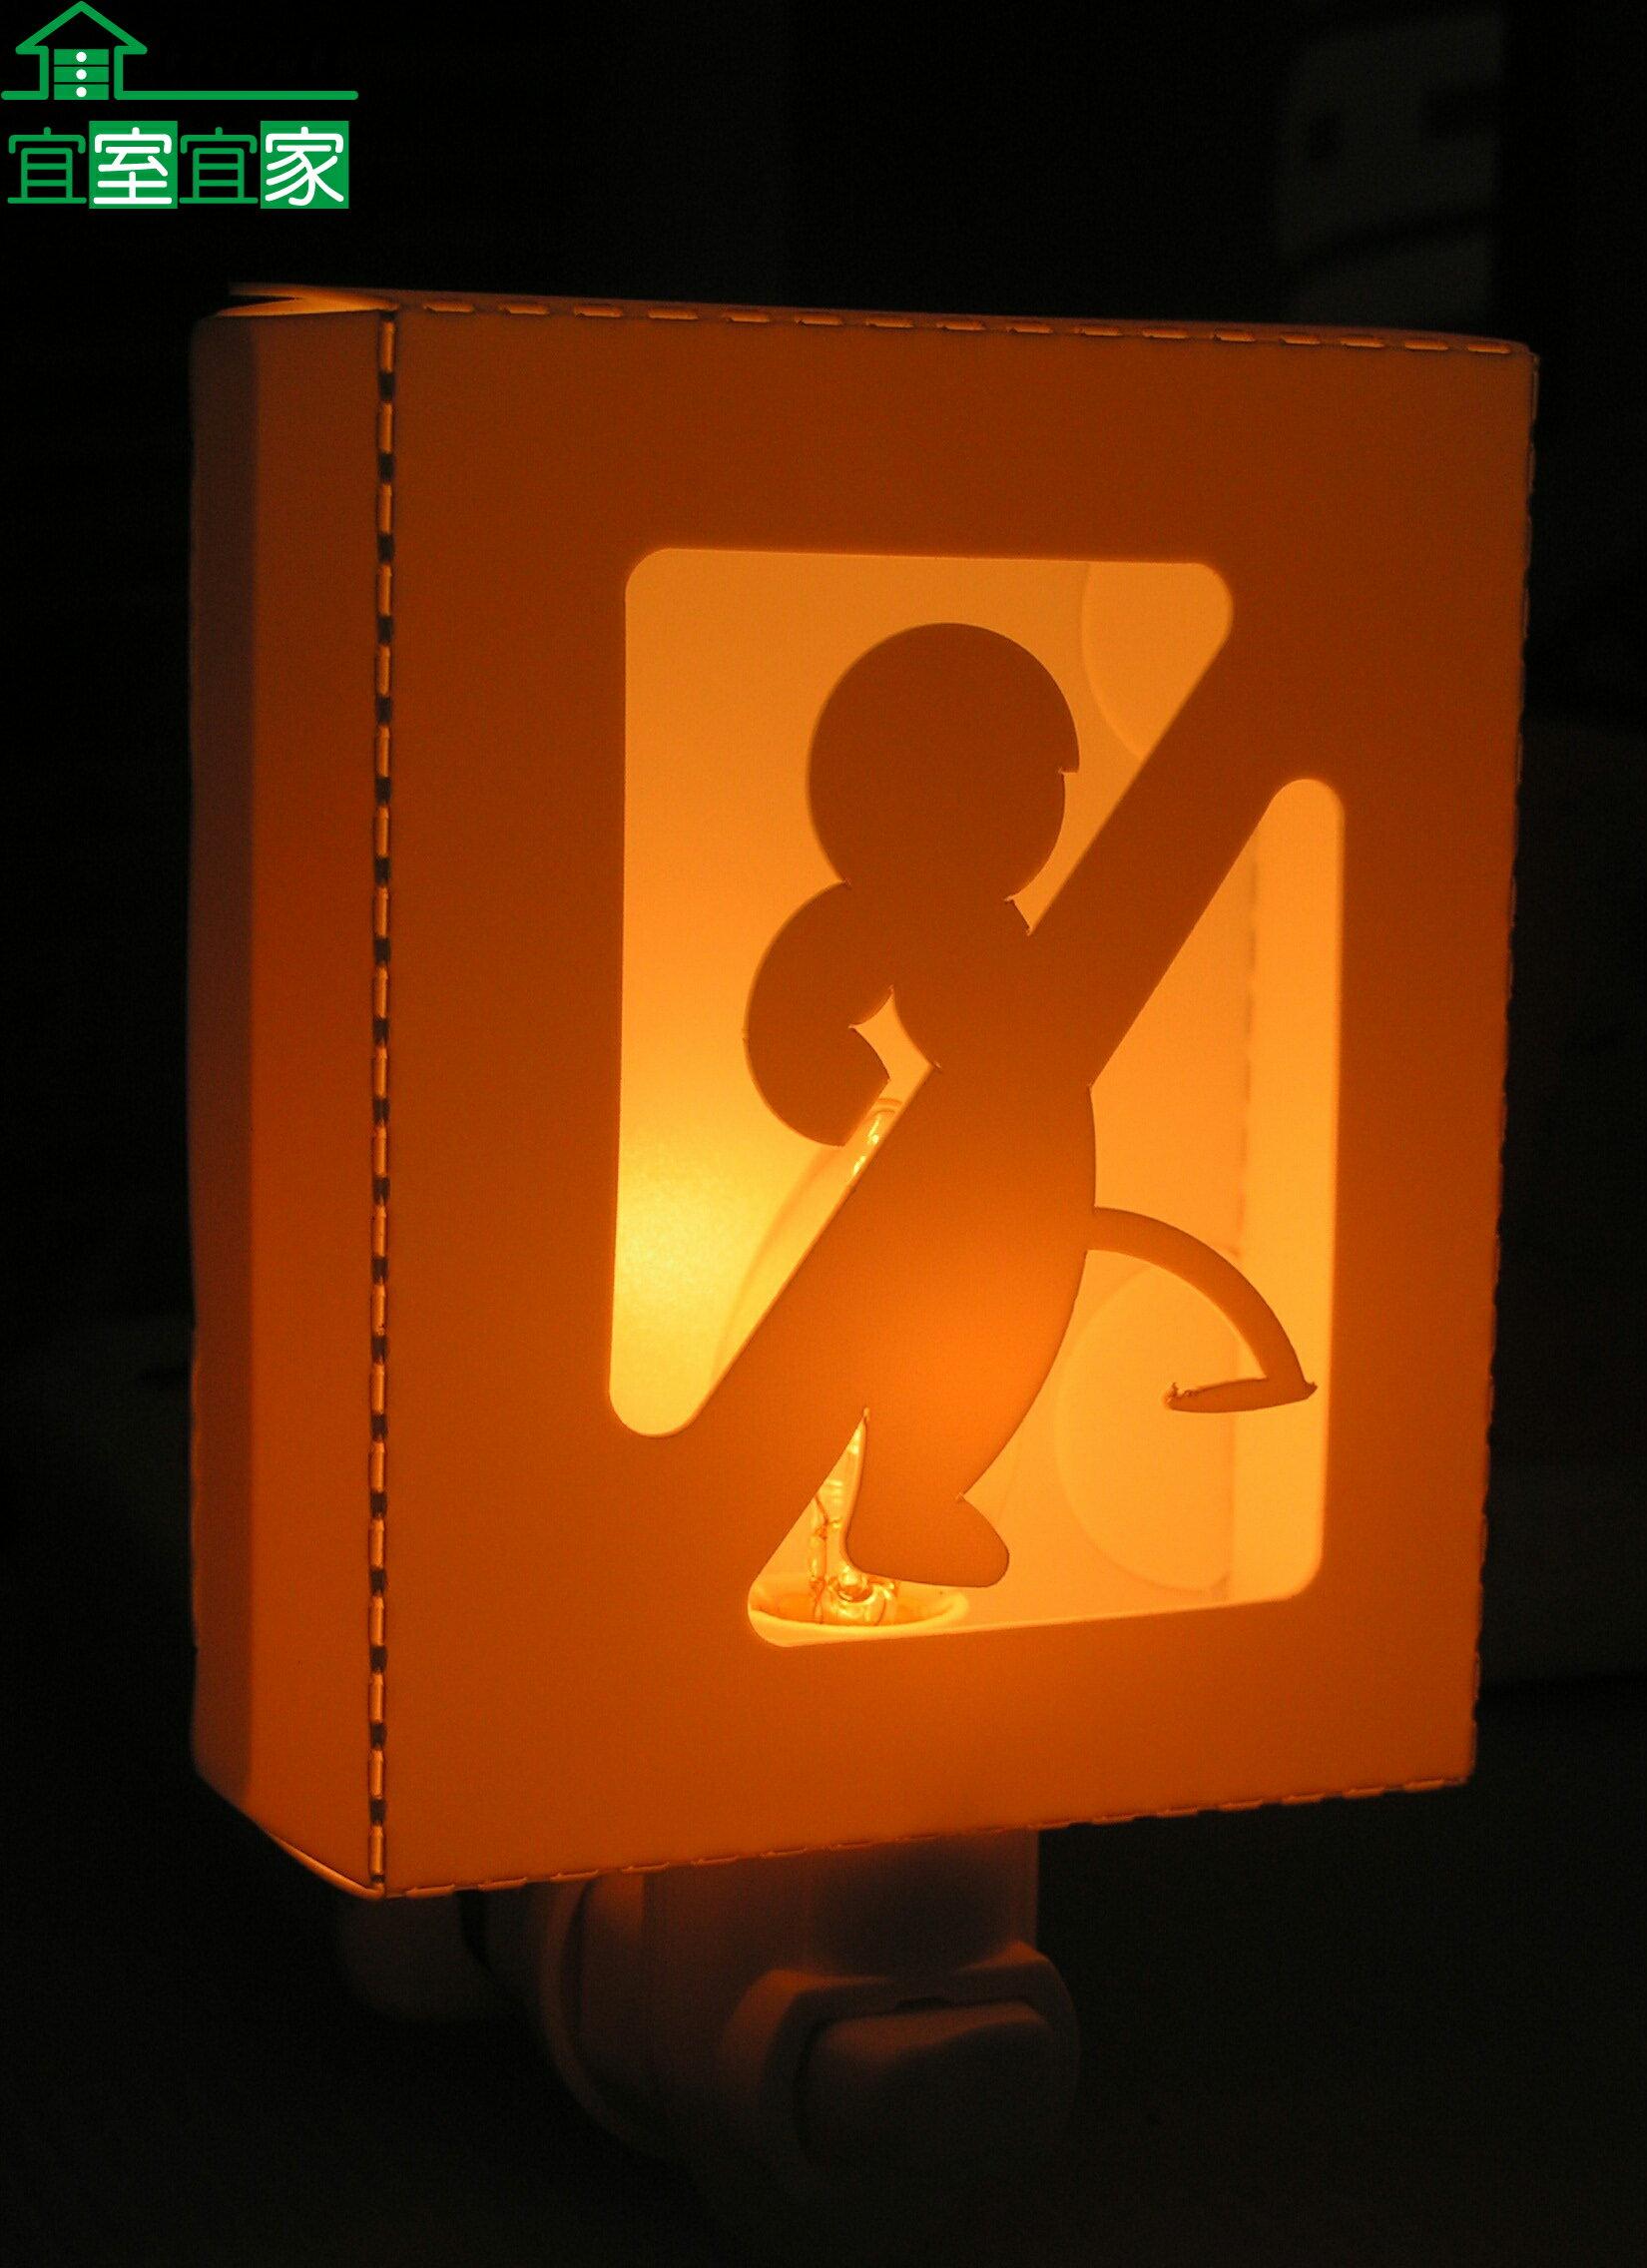 小夜燈 床頭燈 創意 造型 浪漫 夜生活 送禮 MIT 台灣製 禁止尿尿【宜室宜家CYF15】